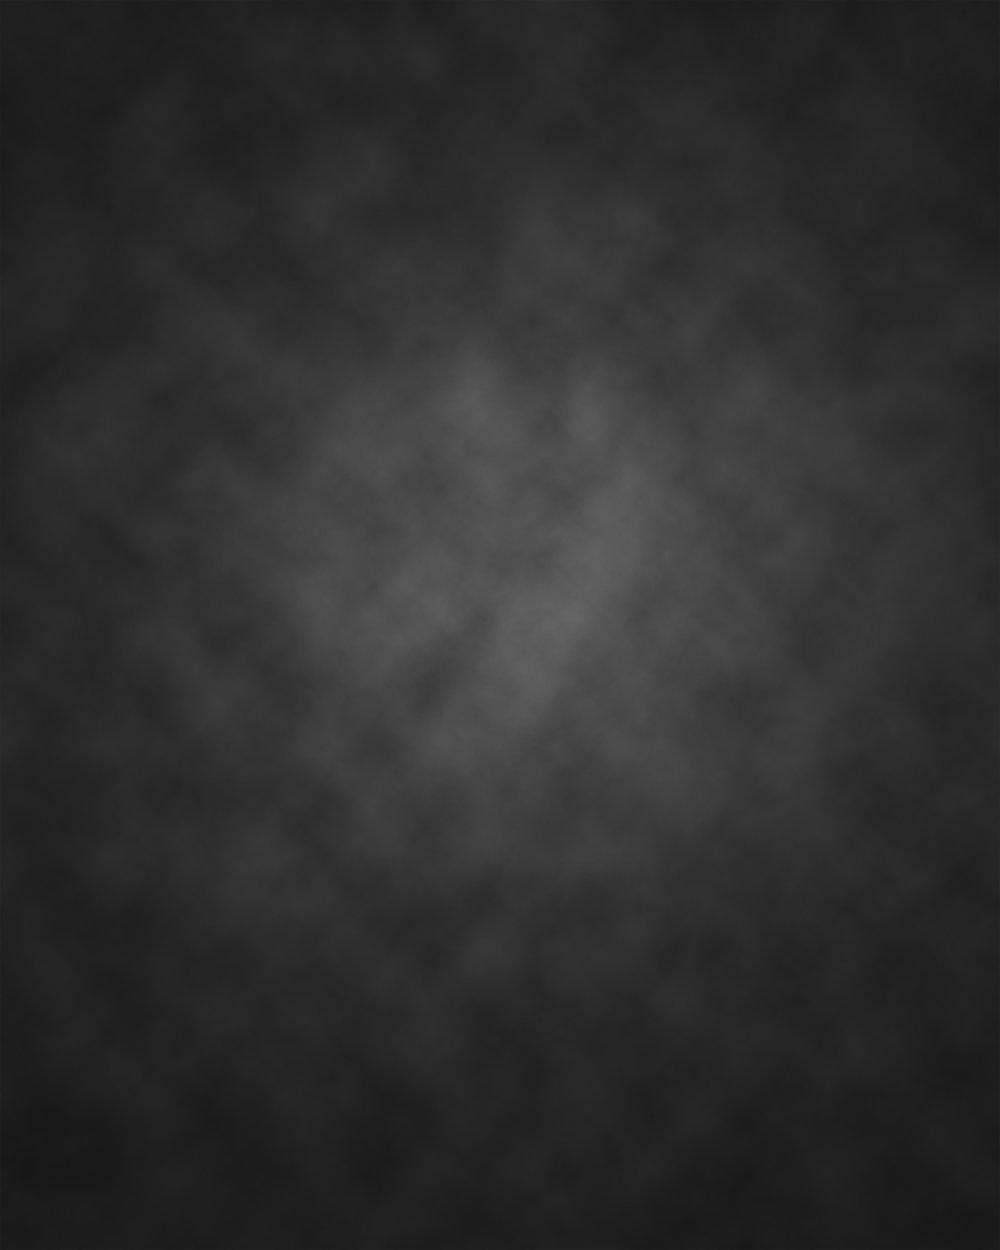 Background Option #9 - Grey